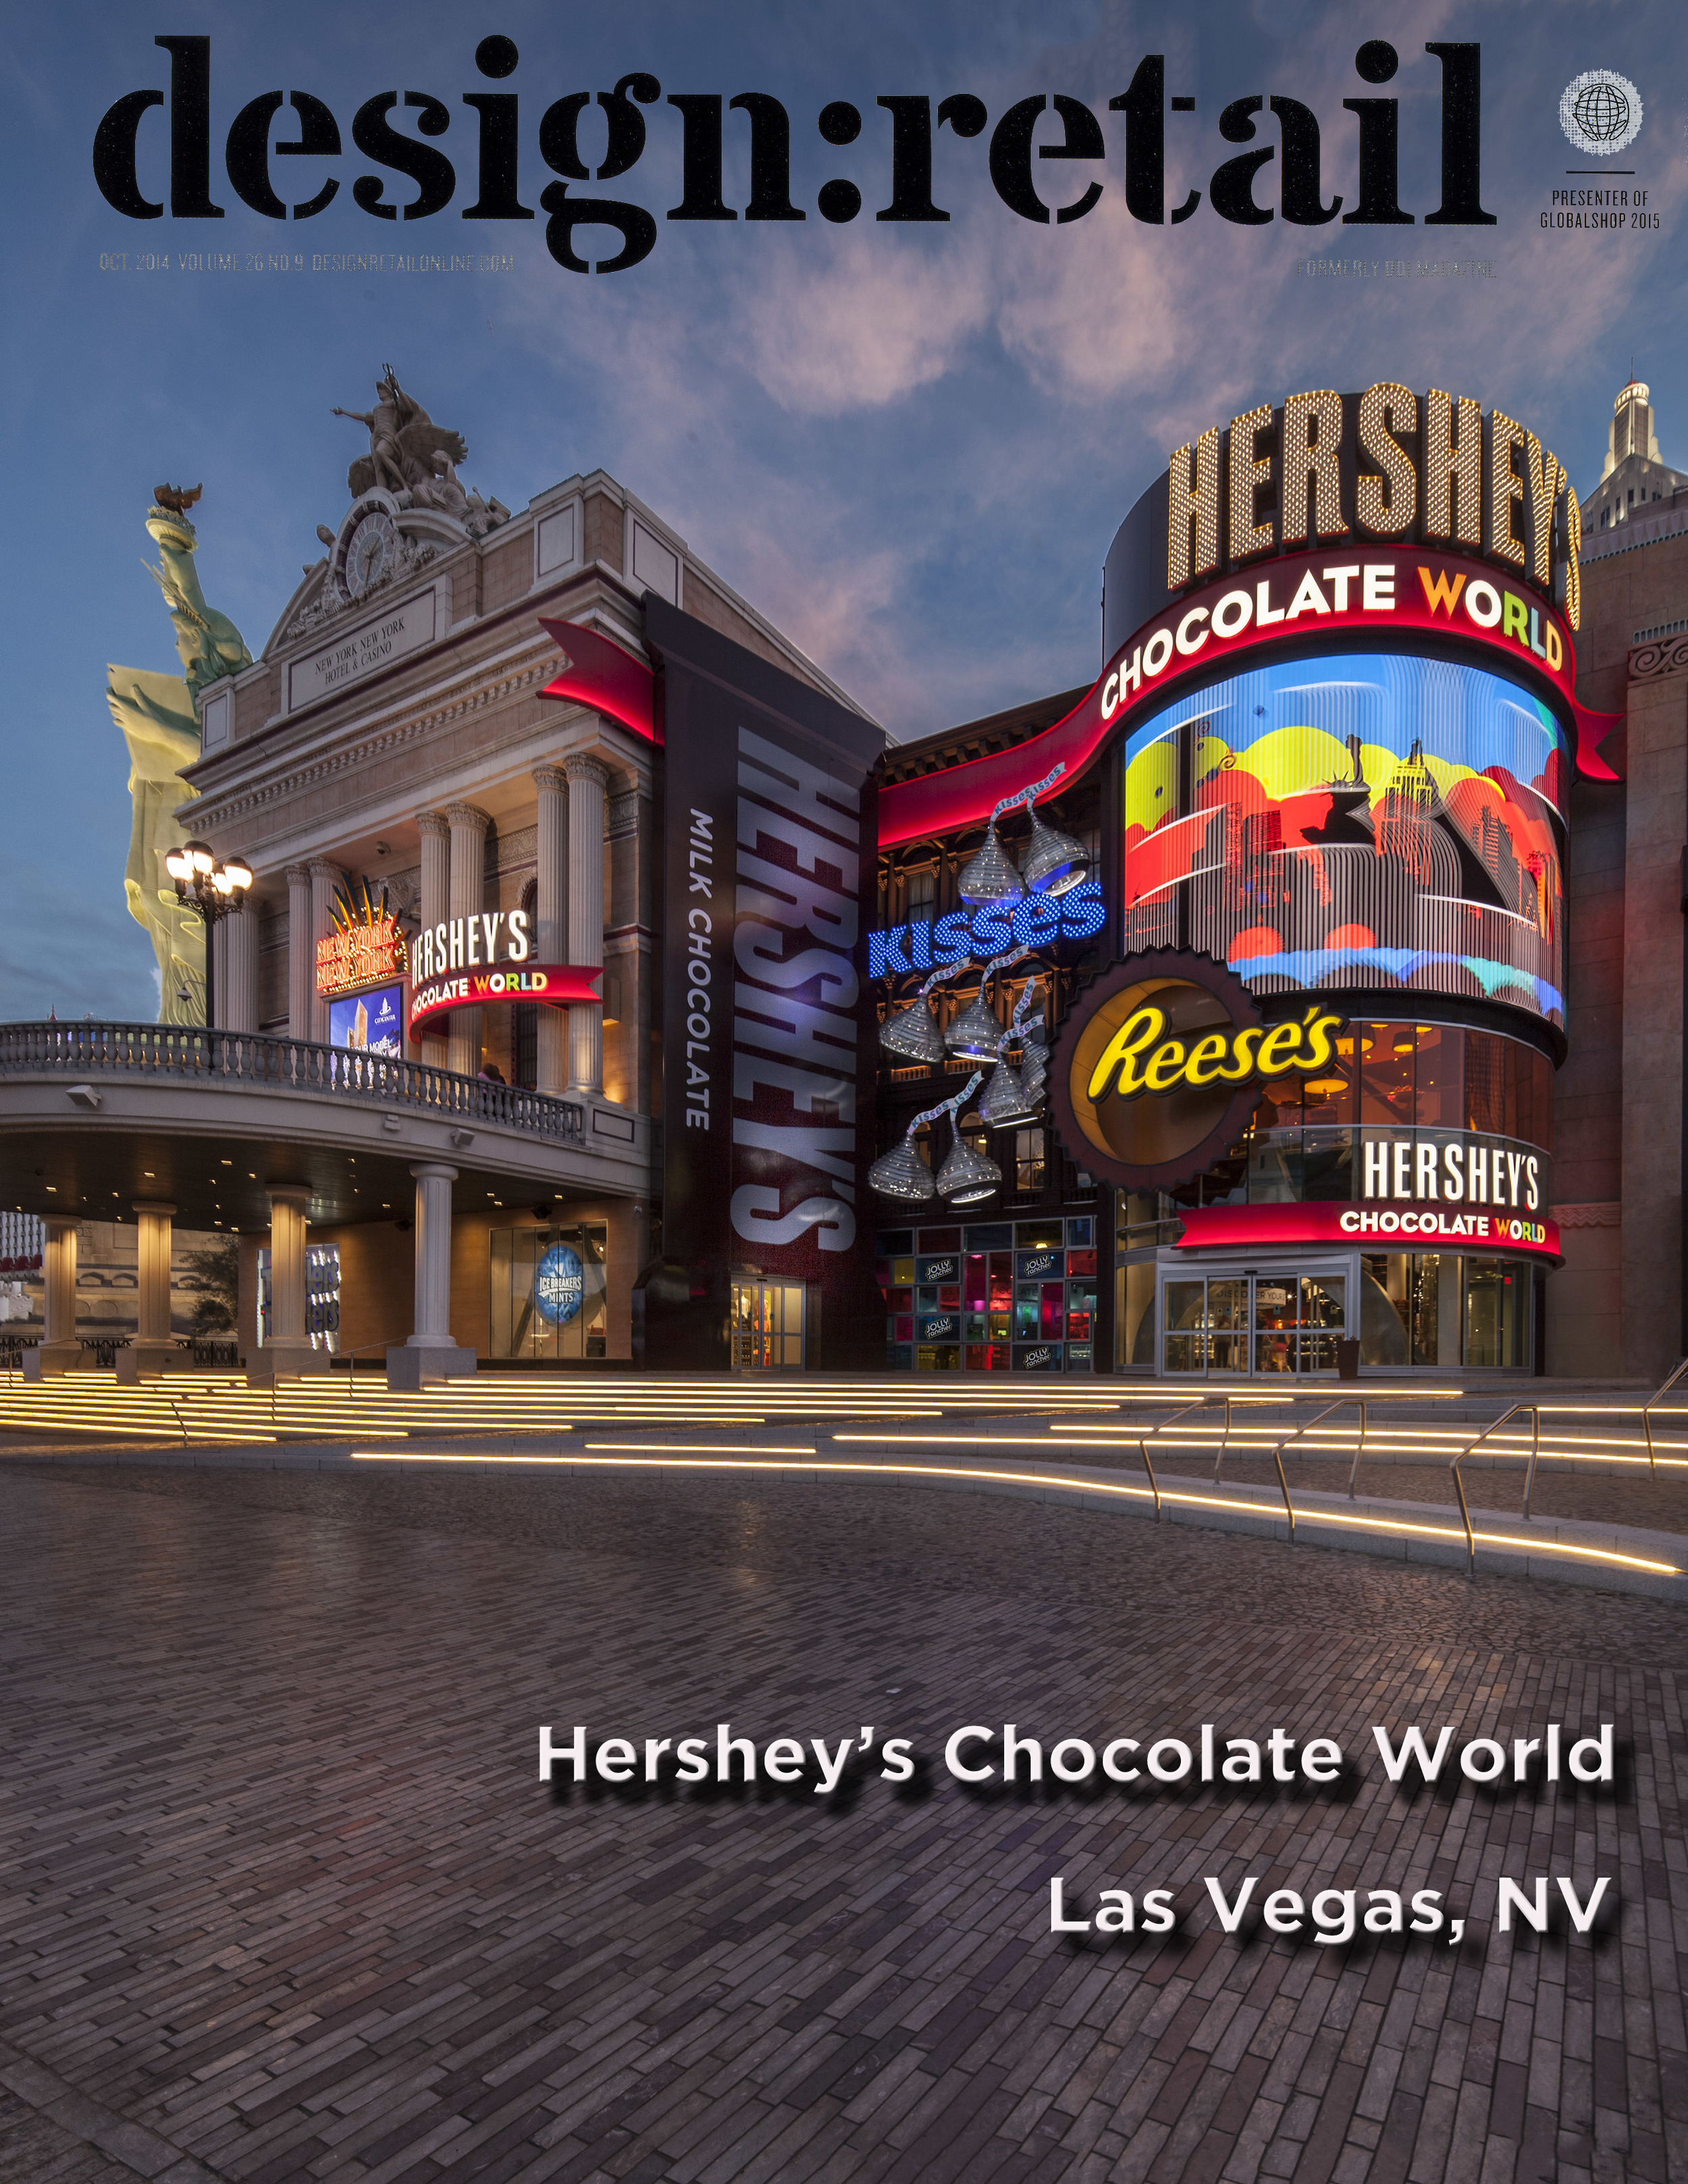 Hershey's Chocolate Word, Las Vegas